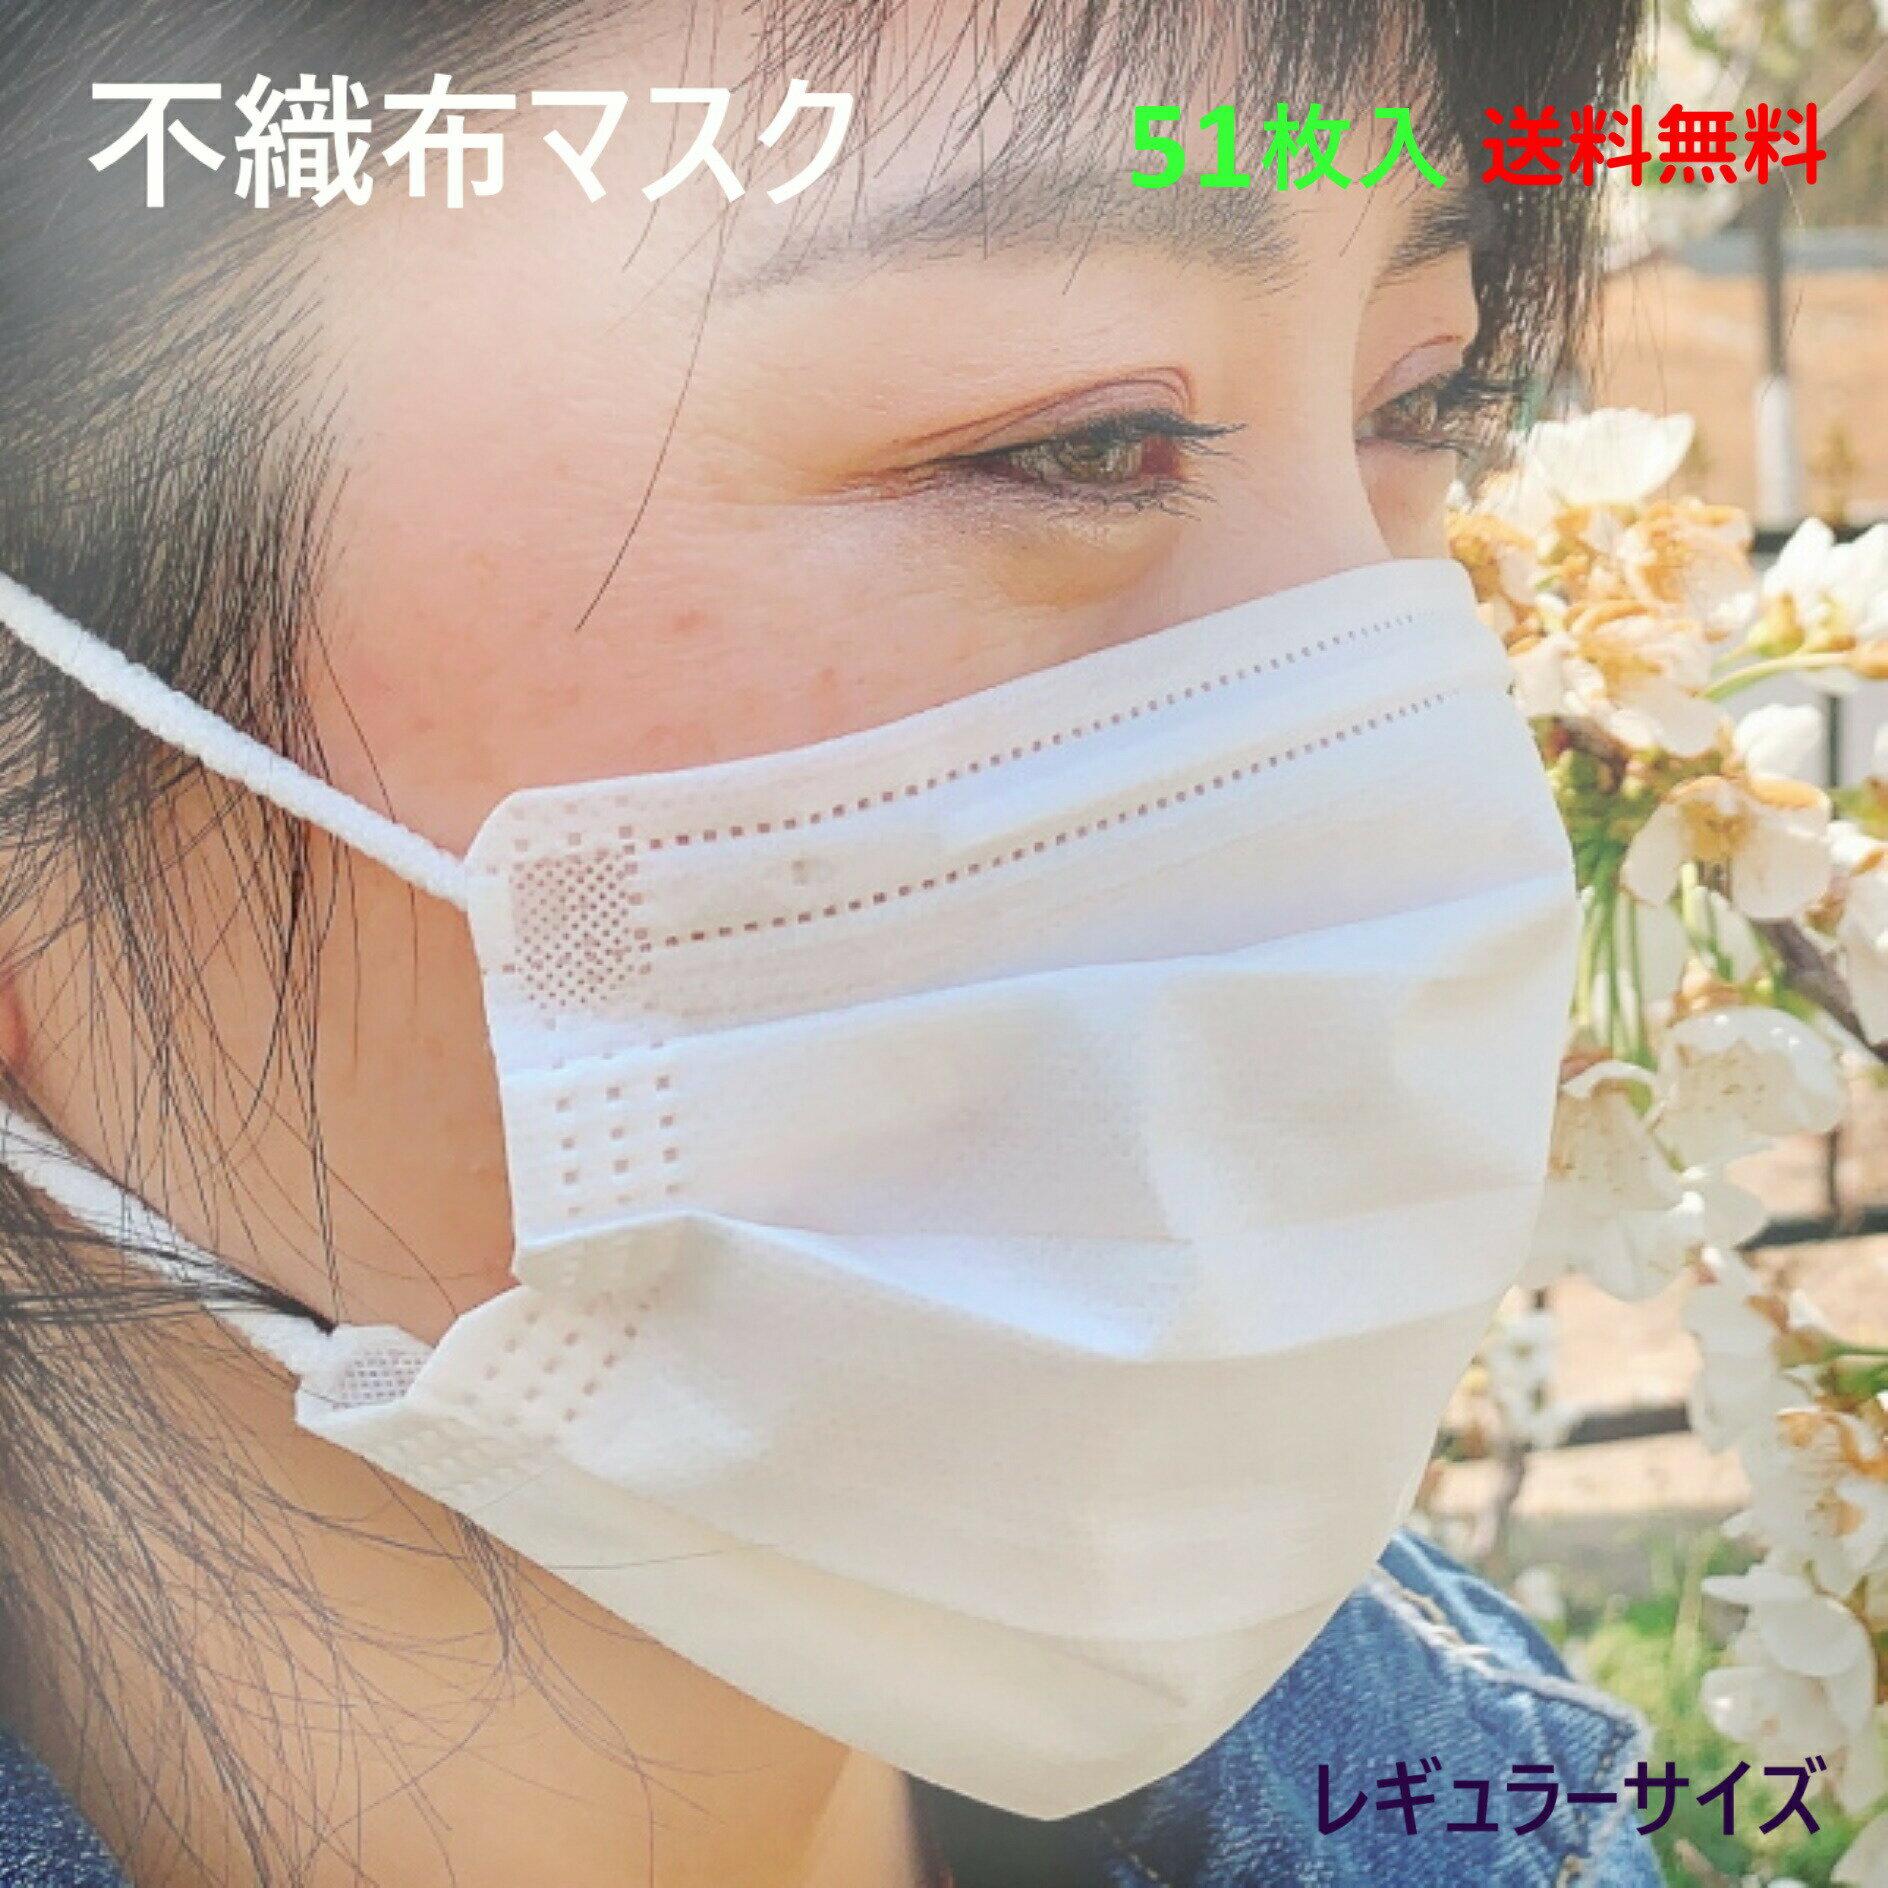 衛生マスク・フェイスシールド, 大人用マスク 2,000OFF 51 3 mask-fu